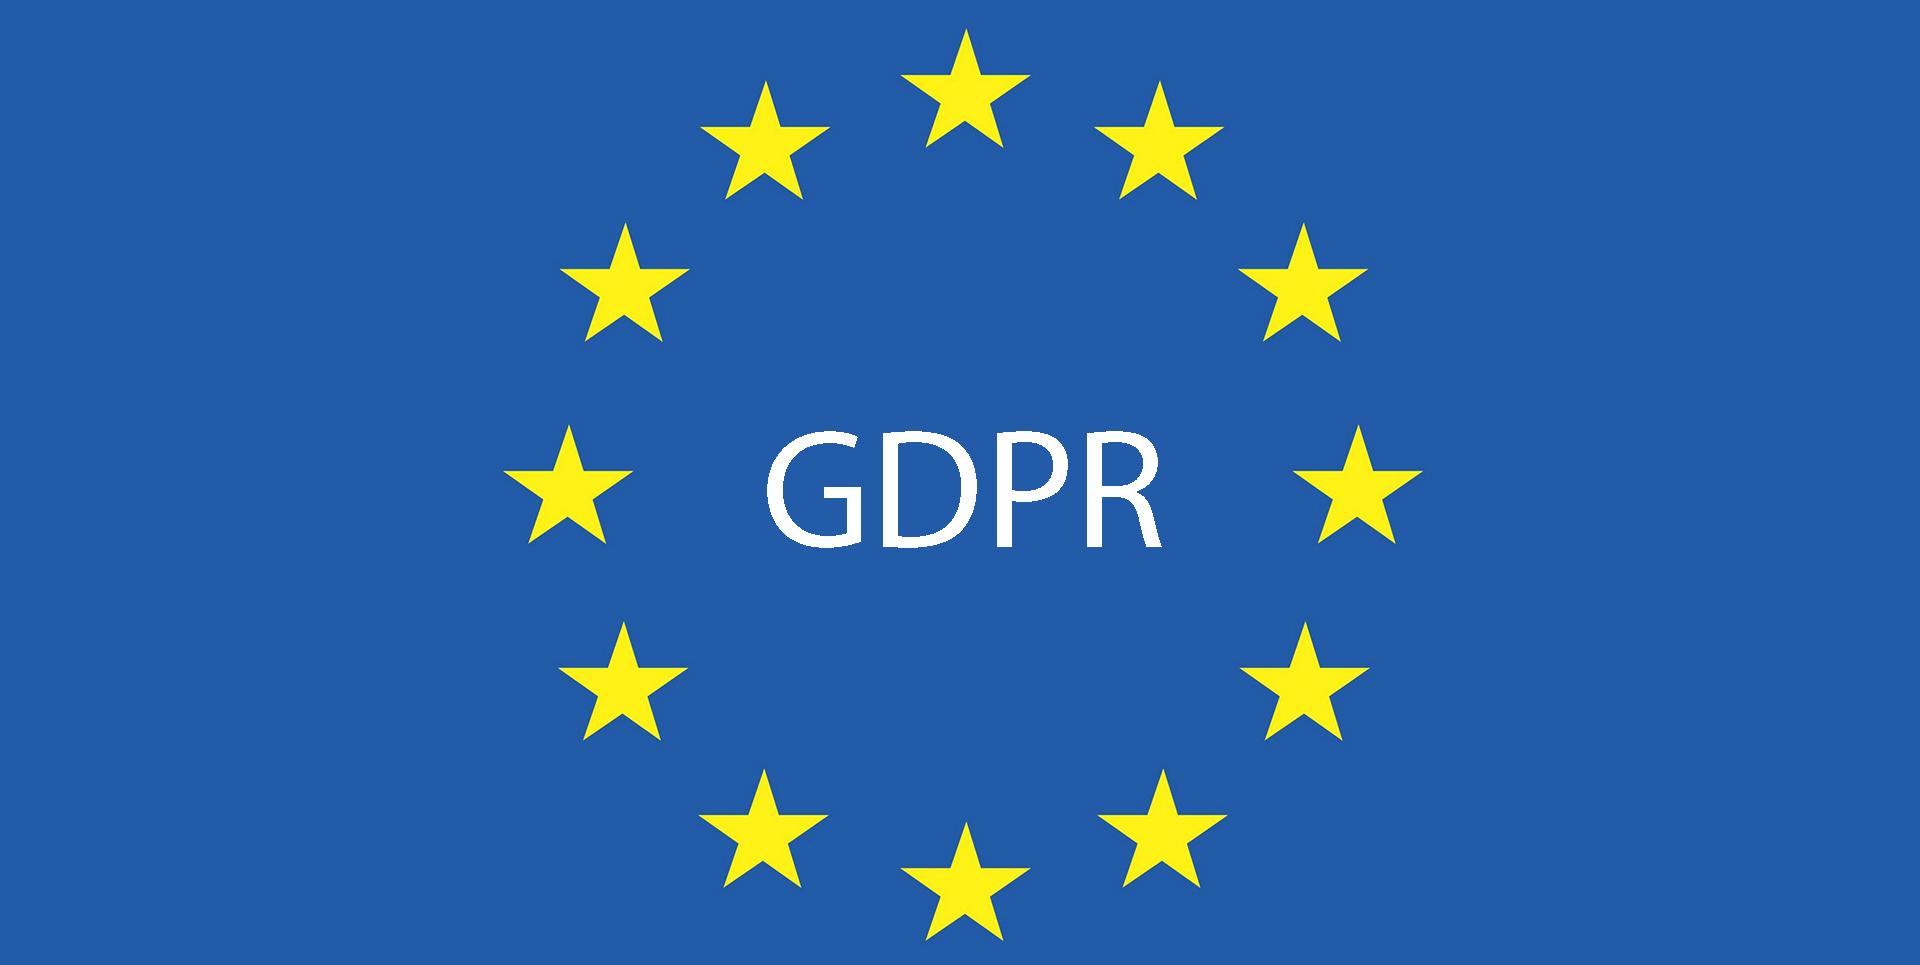 اندر احوالات قوانین GDPR : ناشناس بودن داده های کاربری، دلیلی بر امنیت حریم خصوصی نیست !